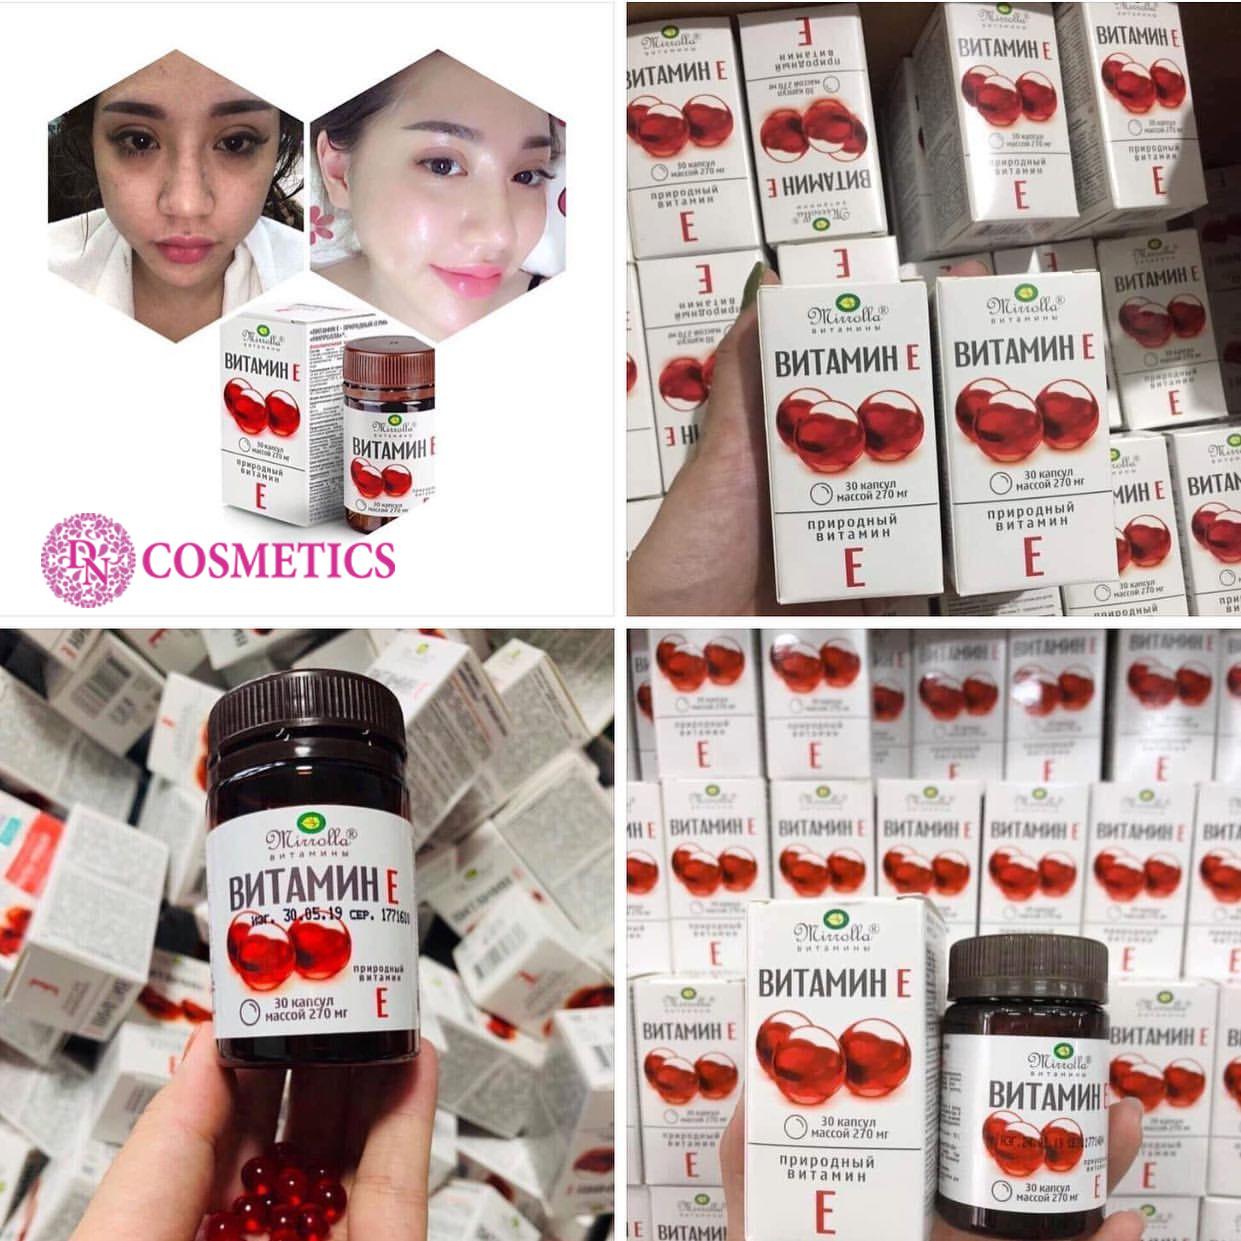 doi-tuong-su-dung-vitamin-e-nga-270mg-dang-vi-20-vien-do